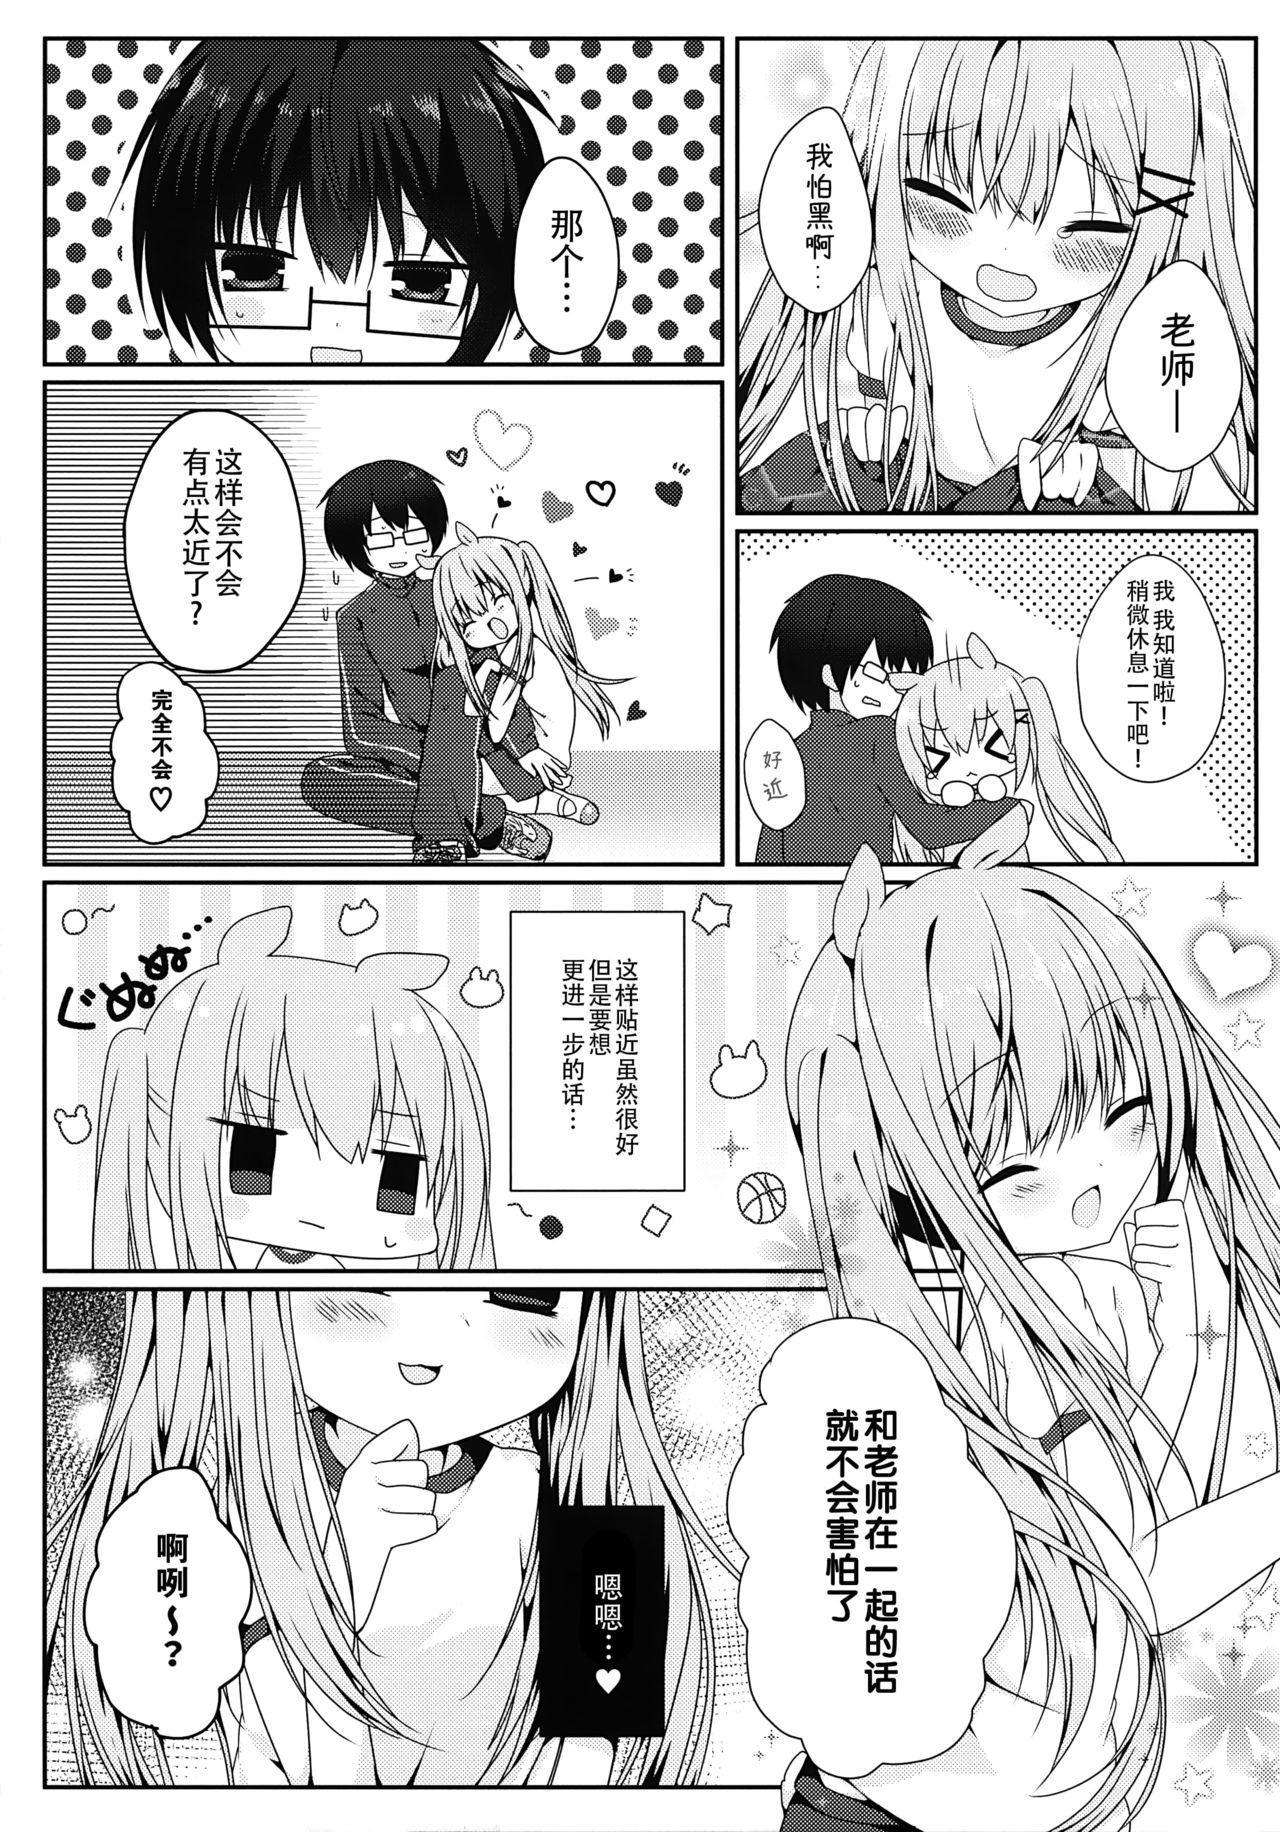 Mimi-chan no Mero x2 Keikaku 8